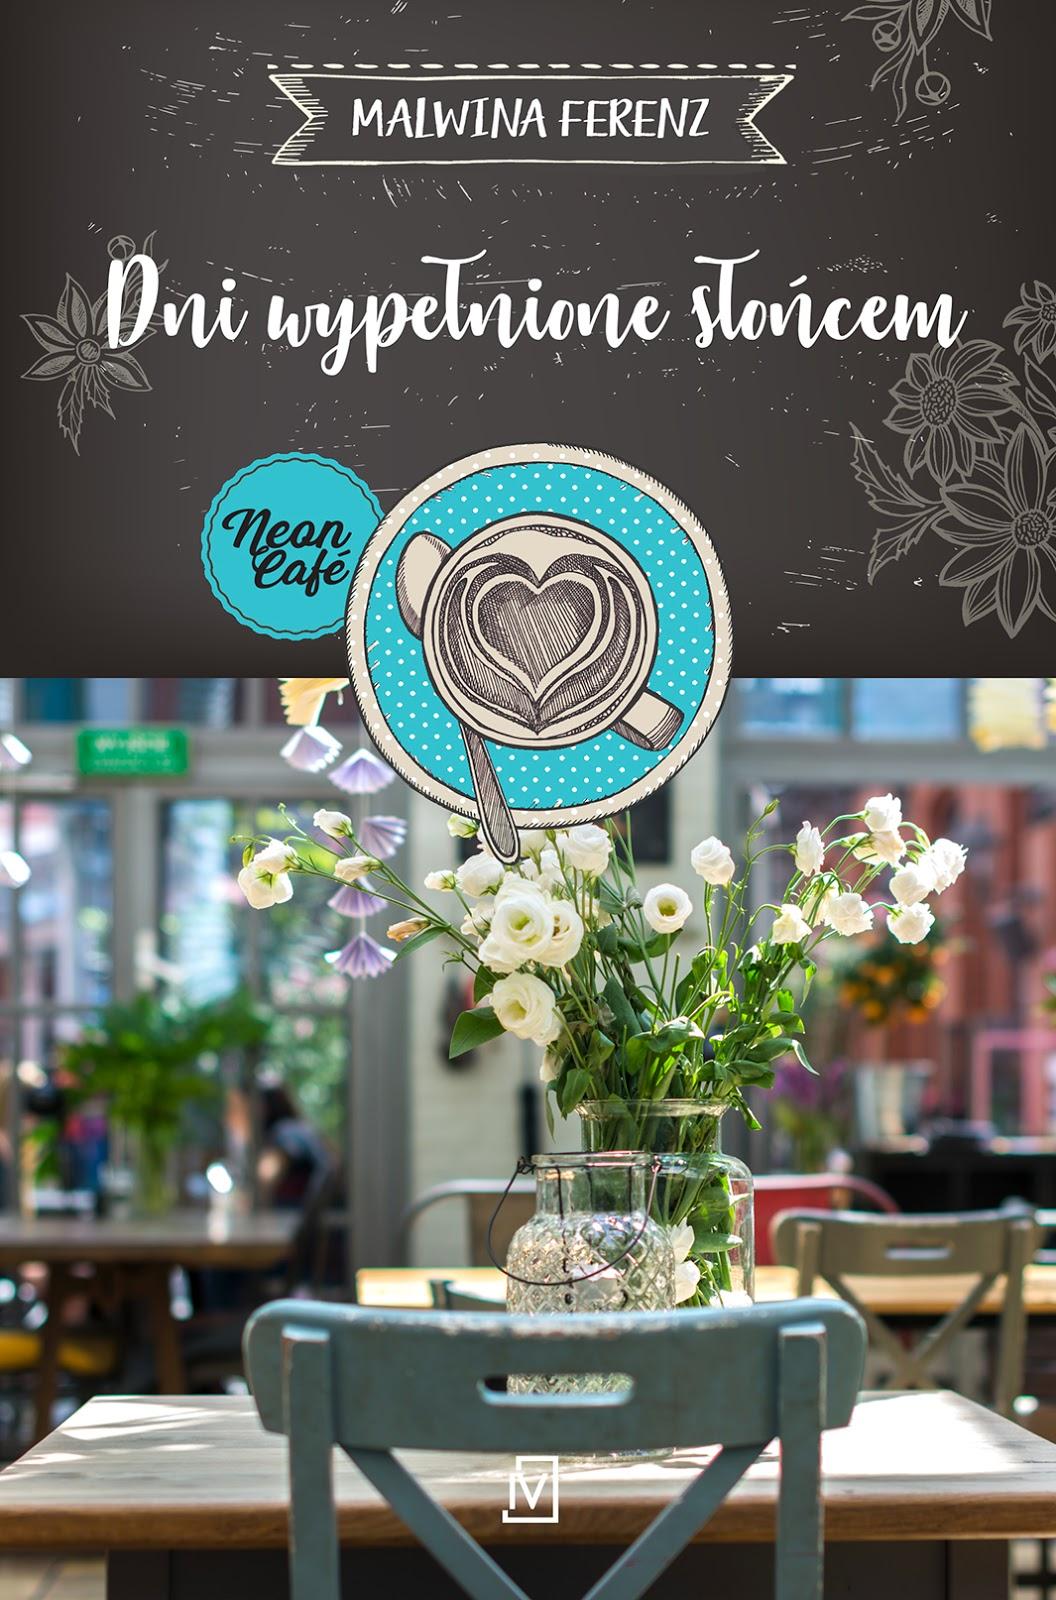 Dni wypełnione słońcem. Neon Café – Malwina Ferenz. Patronat medialny